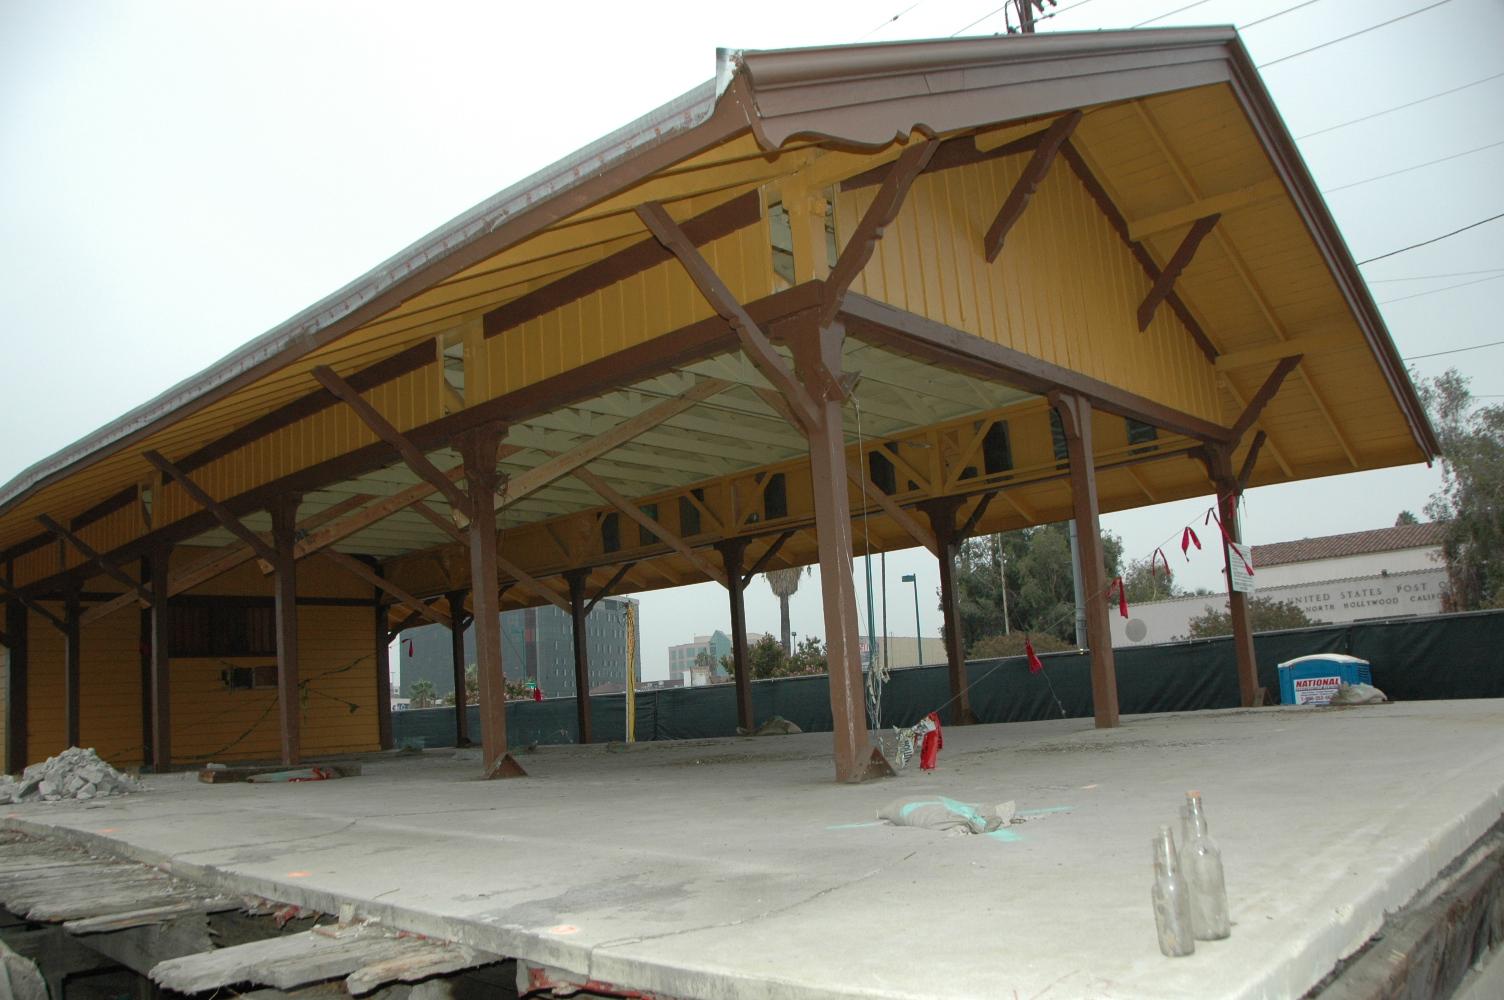 Vista parcial de la antigua estación del tren en North Hollywood. Foto José Ubaldo/El Pasajero.